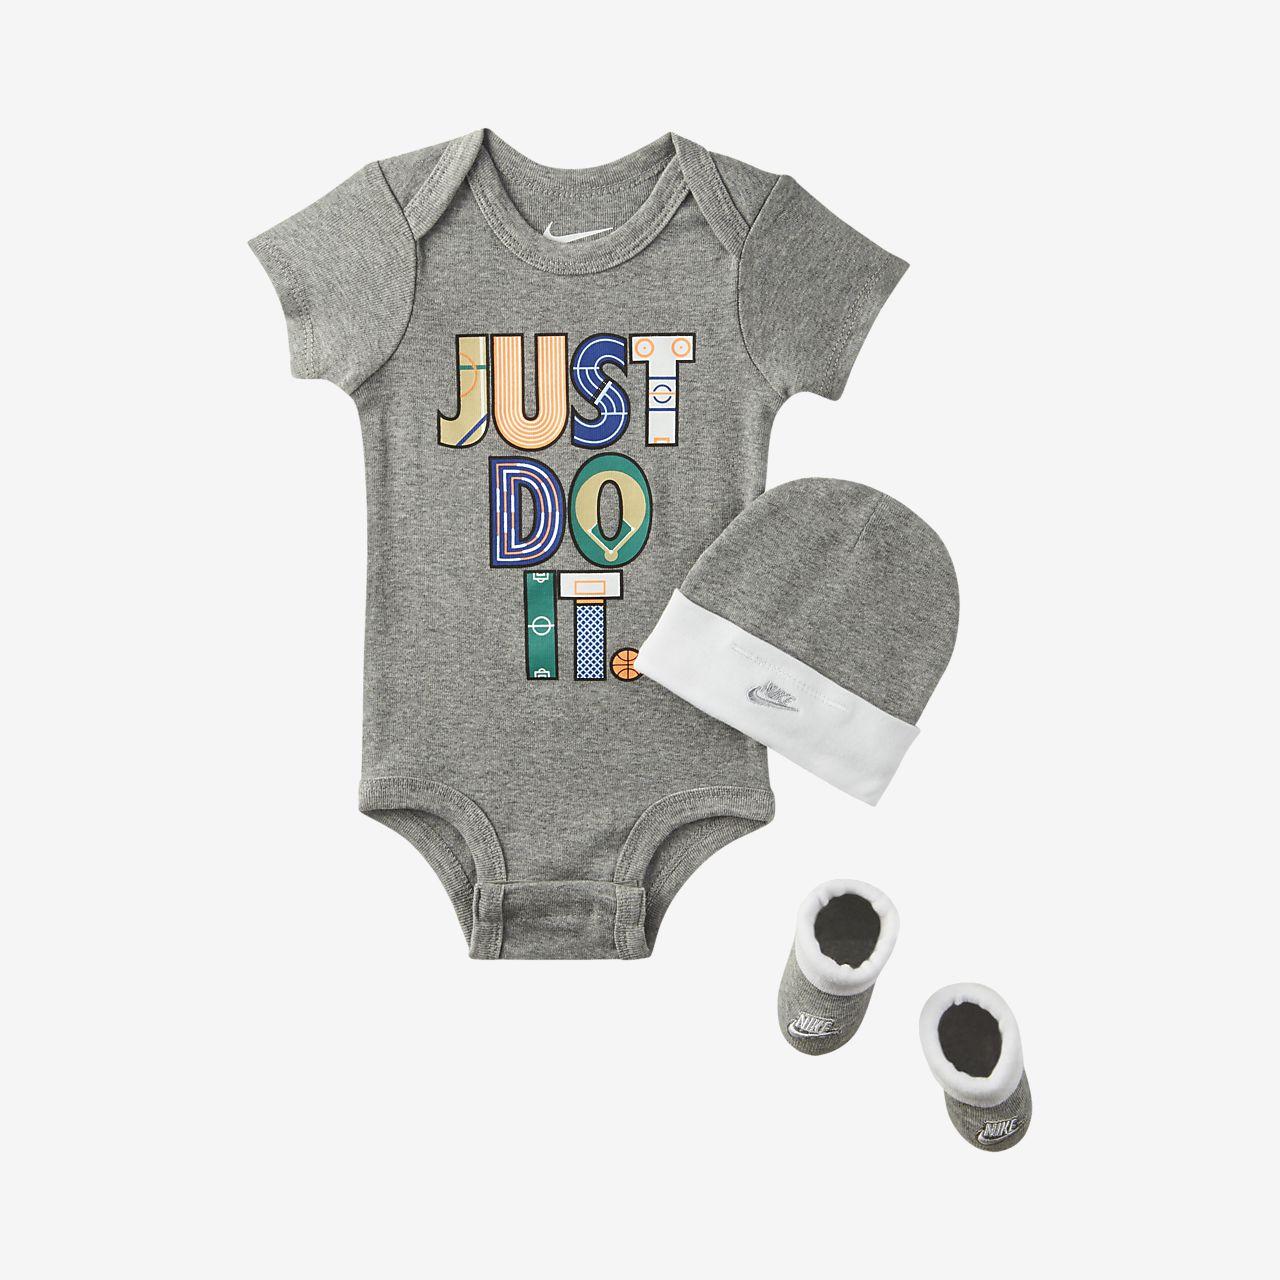 Trojdílná kojenecká souprava Nike